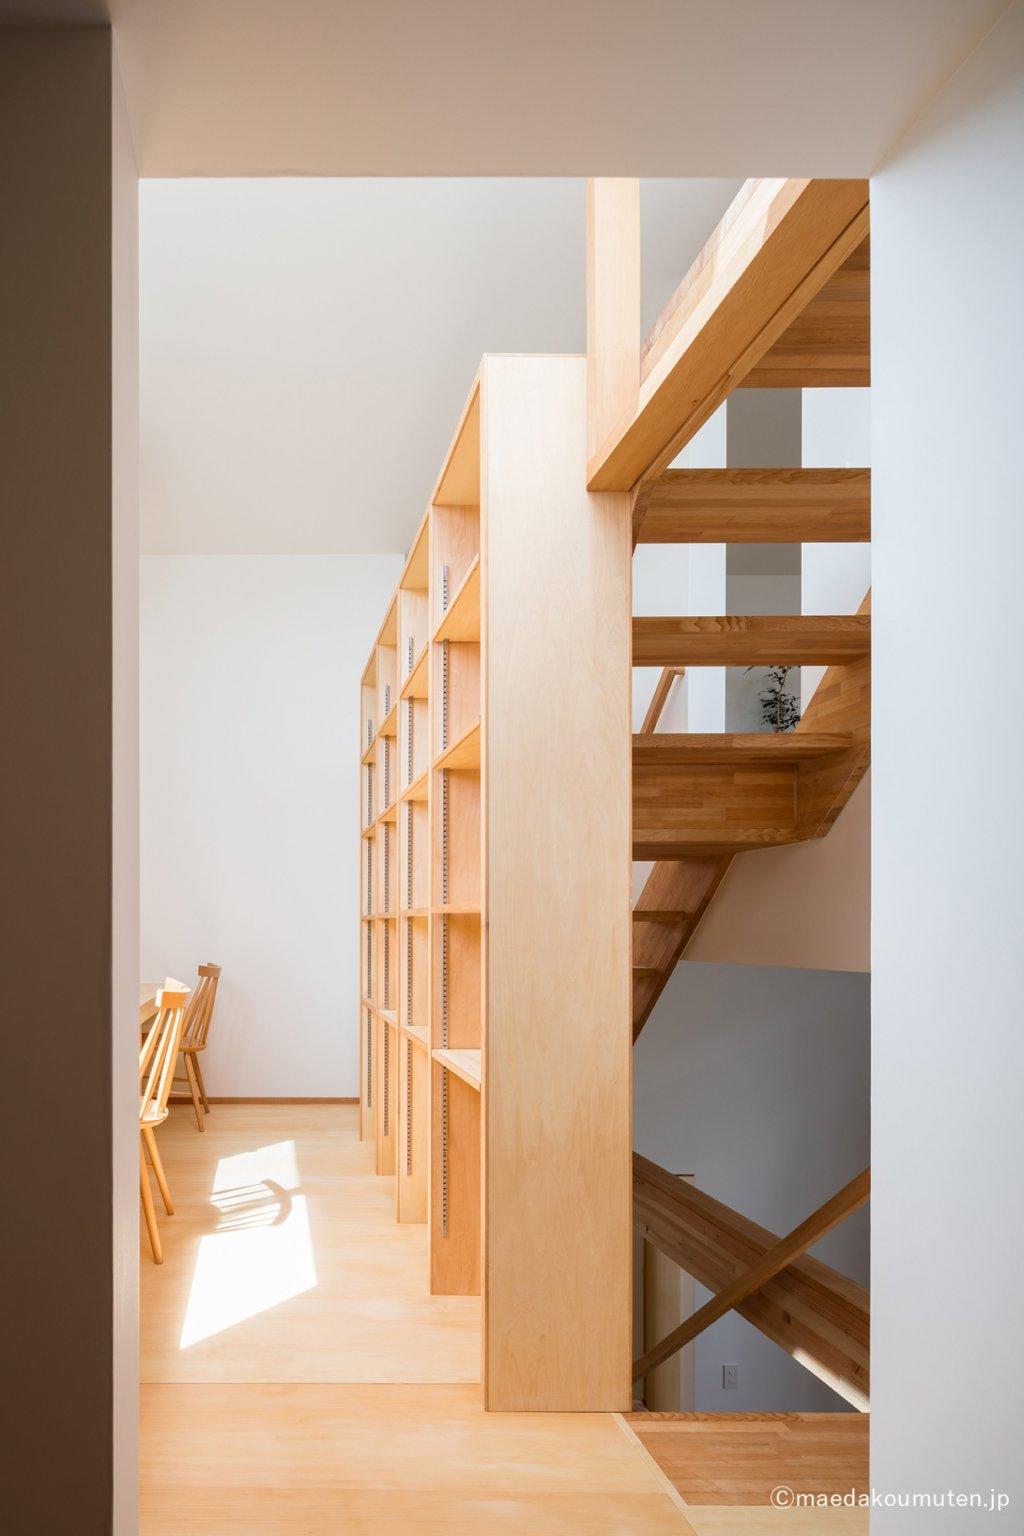 神奈川、工務店、注文住宅、デザイン住宅、建築家、座間の家、22